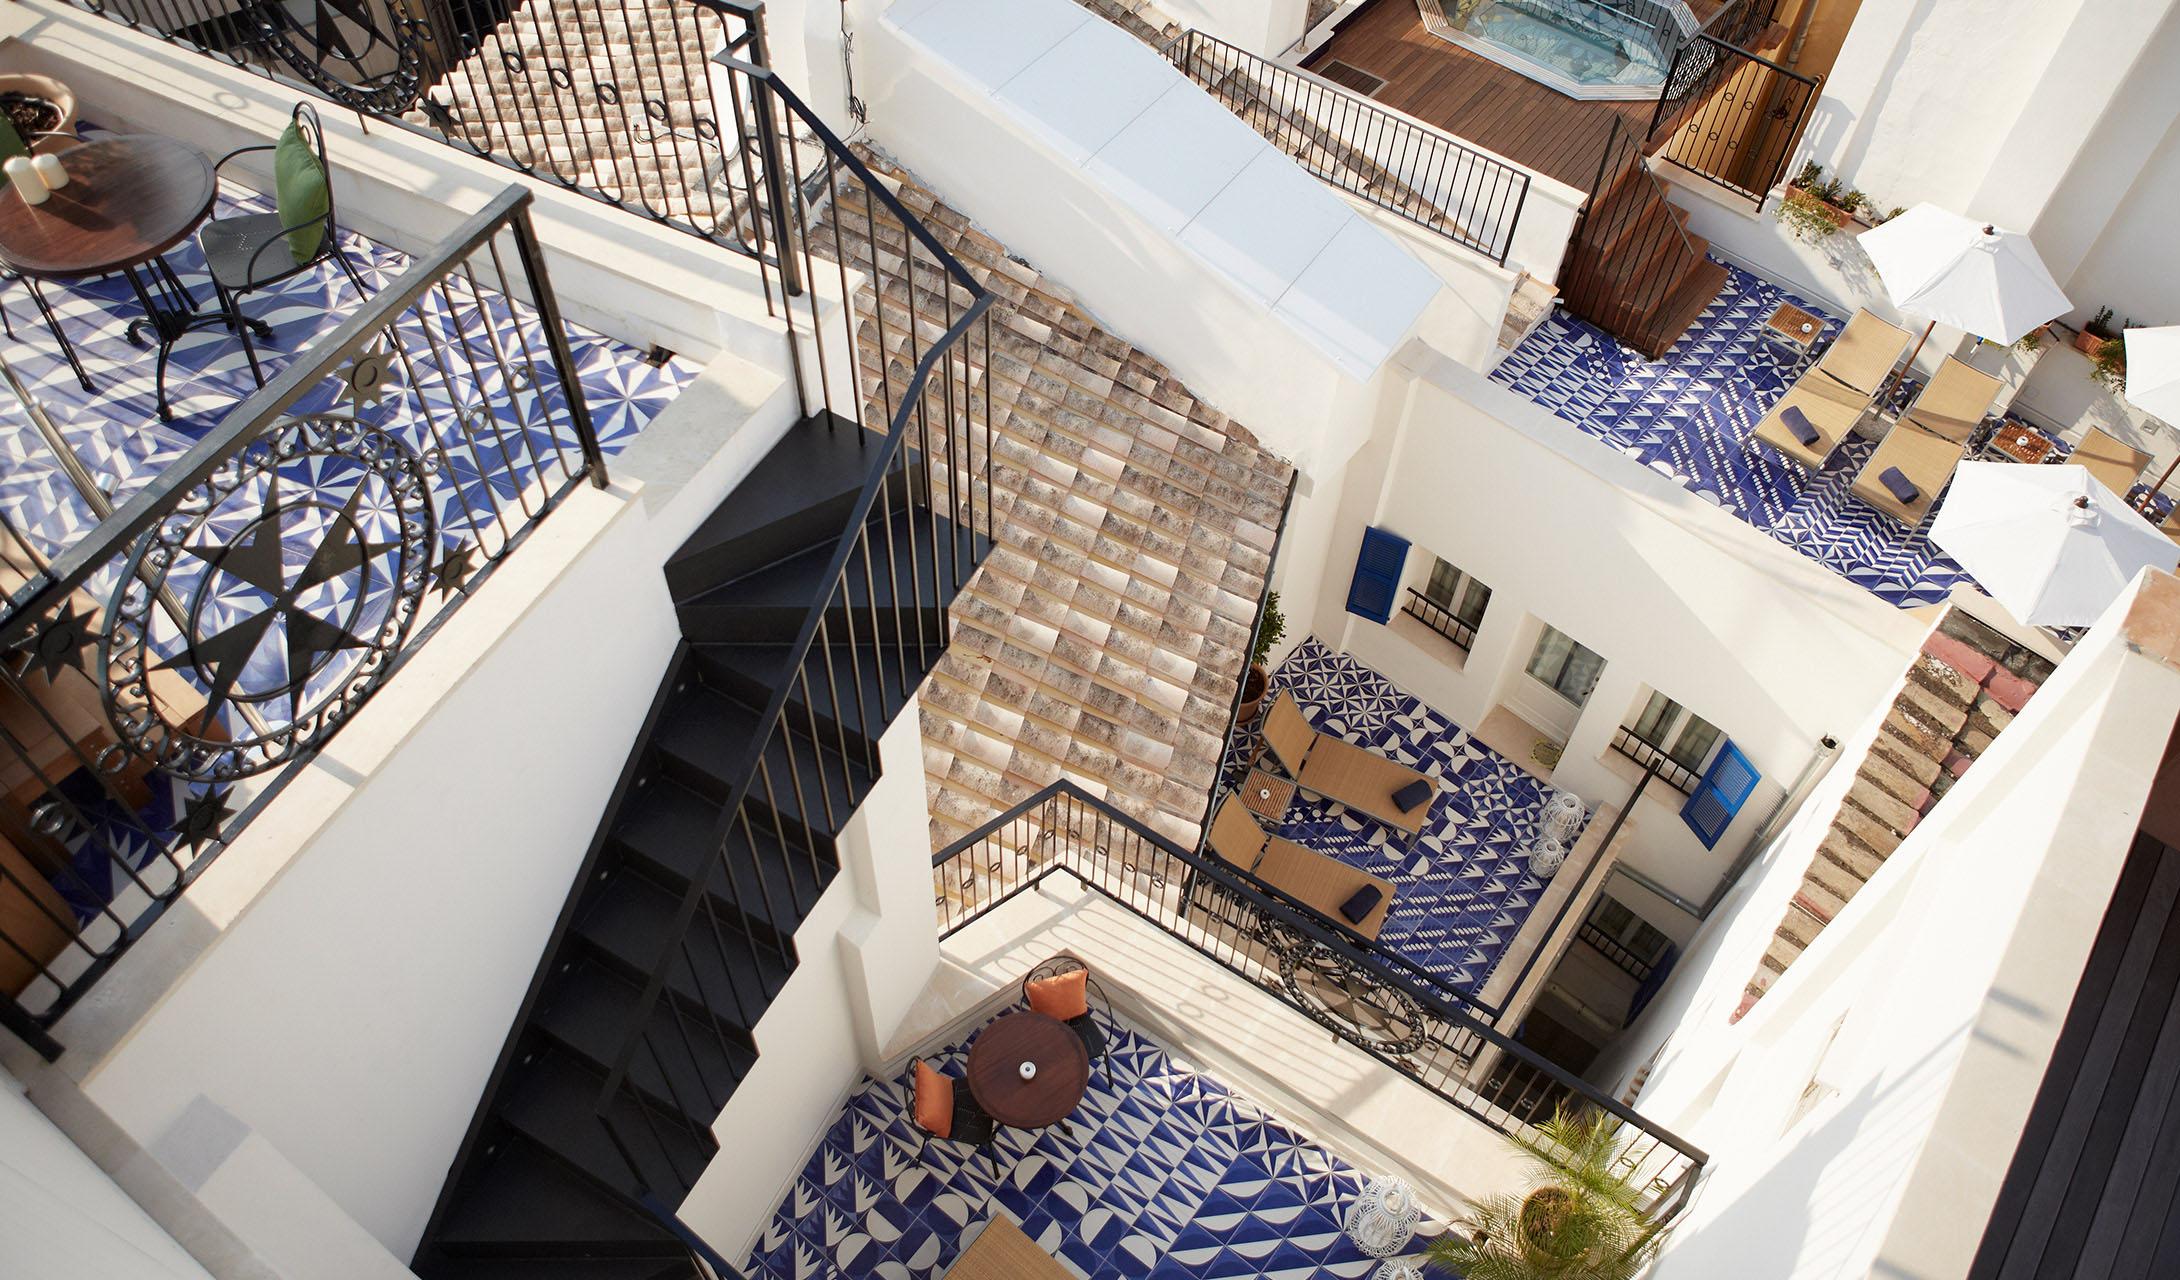 Hotel-Cort-Palma-de-Mallorca_1